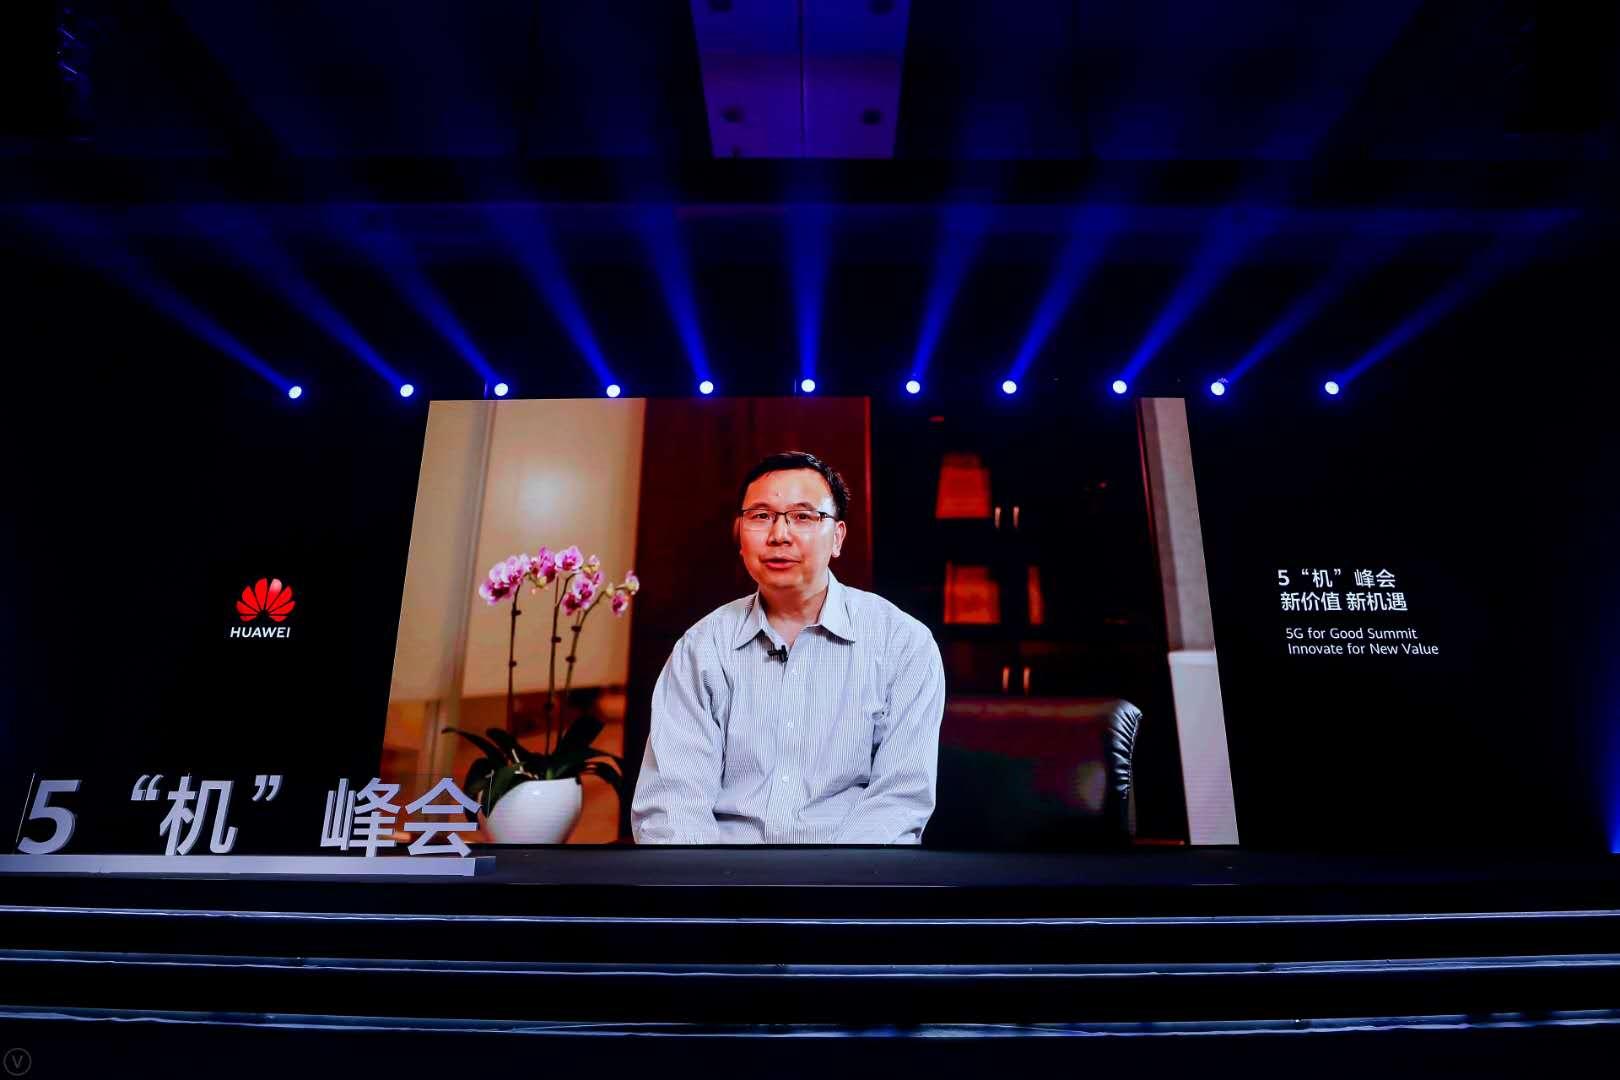 华为杨超斌:预计今年年底中国将建设80万5G基站